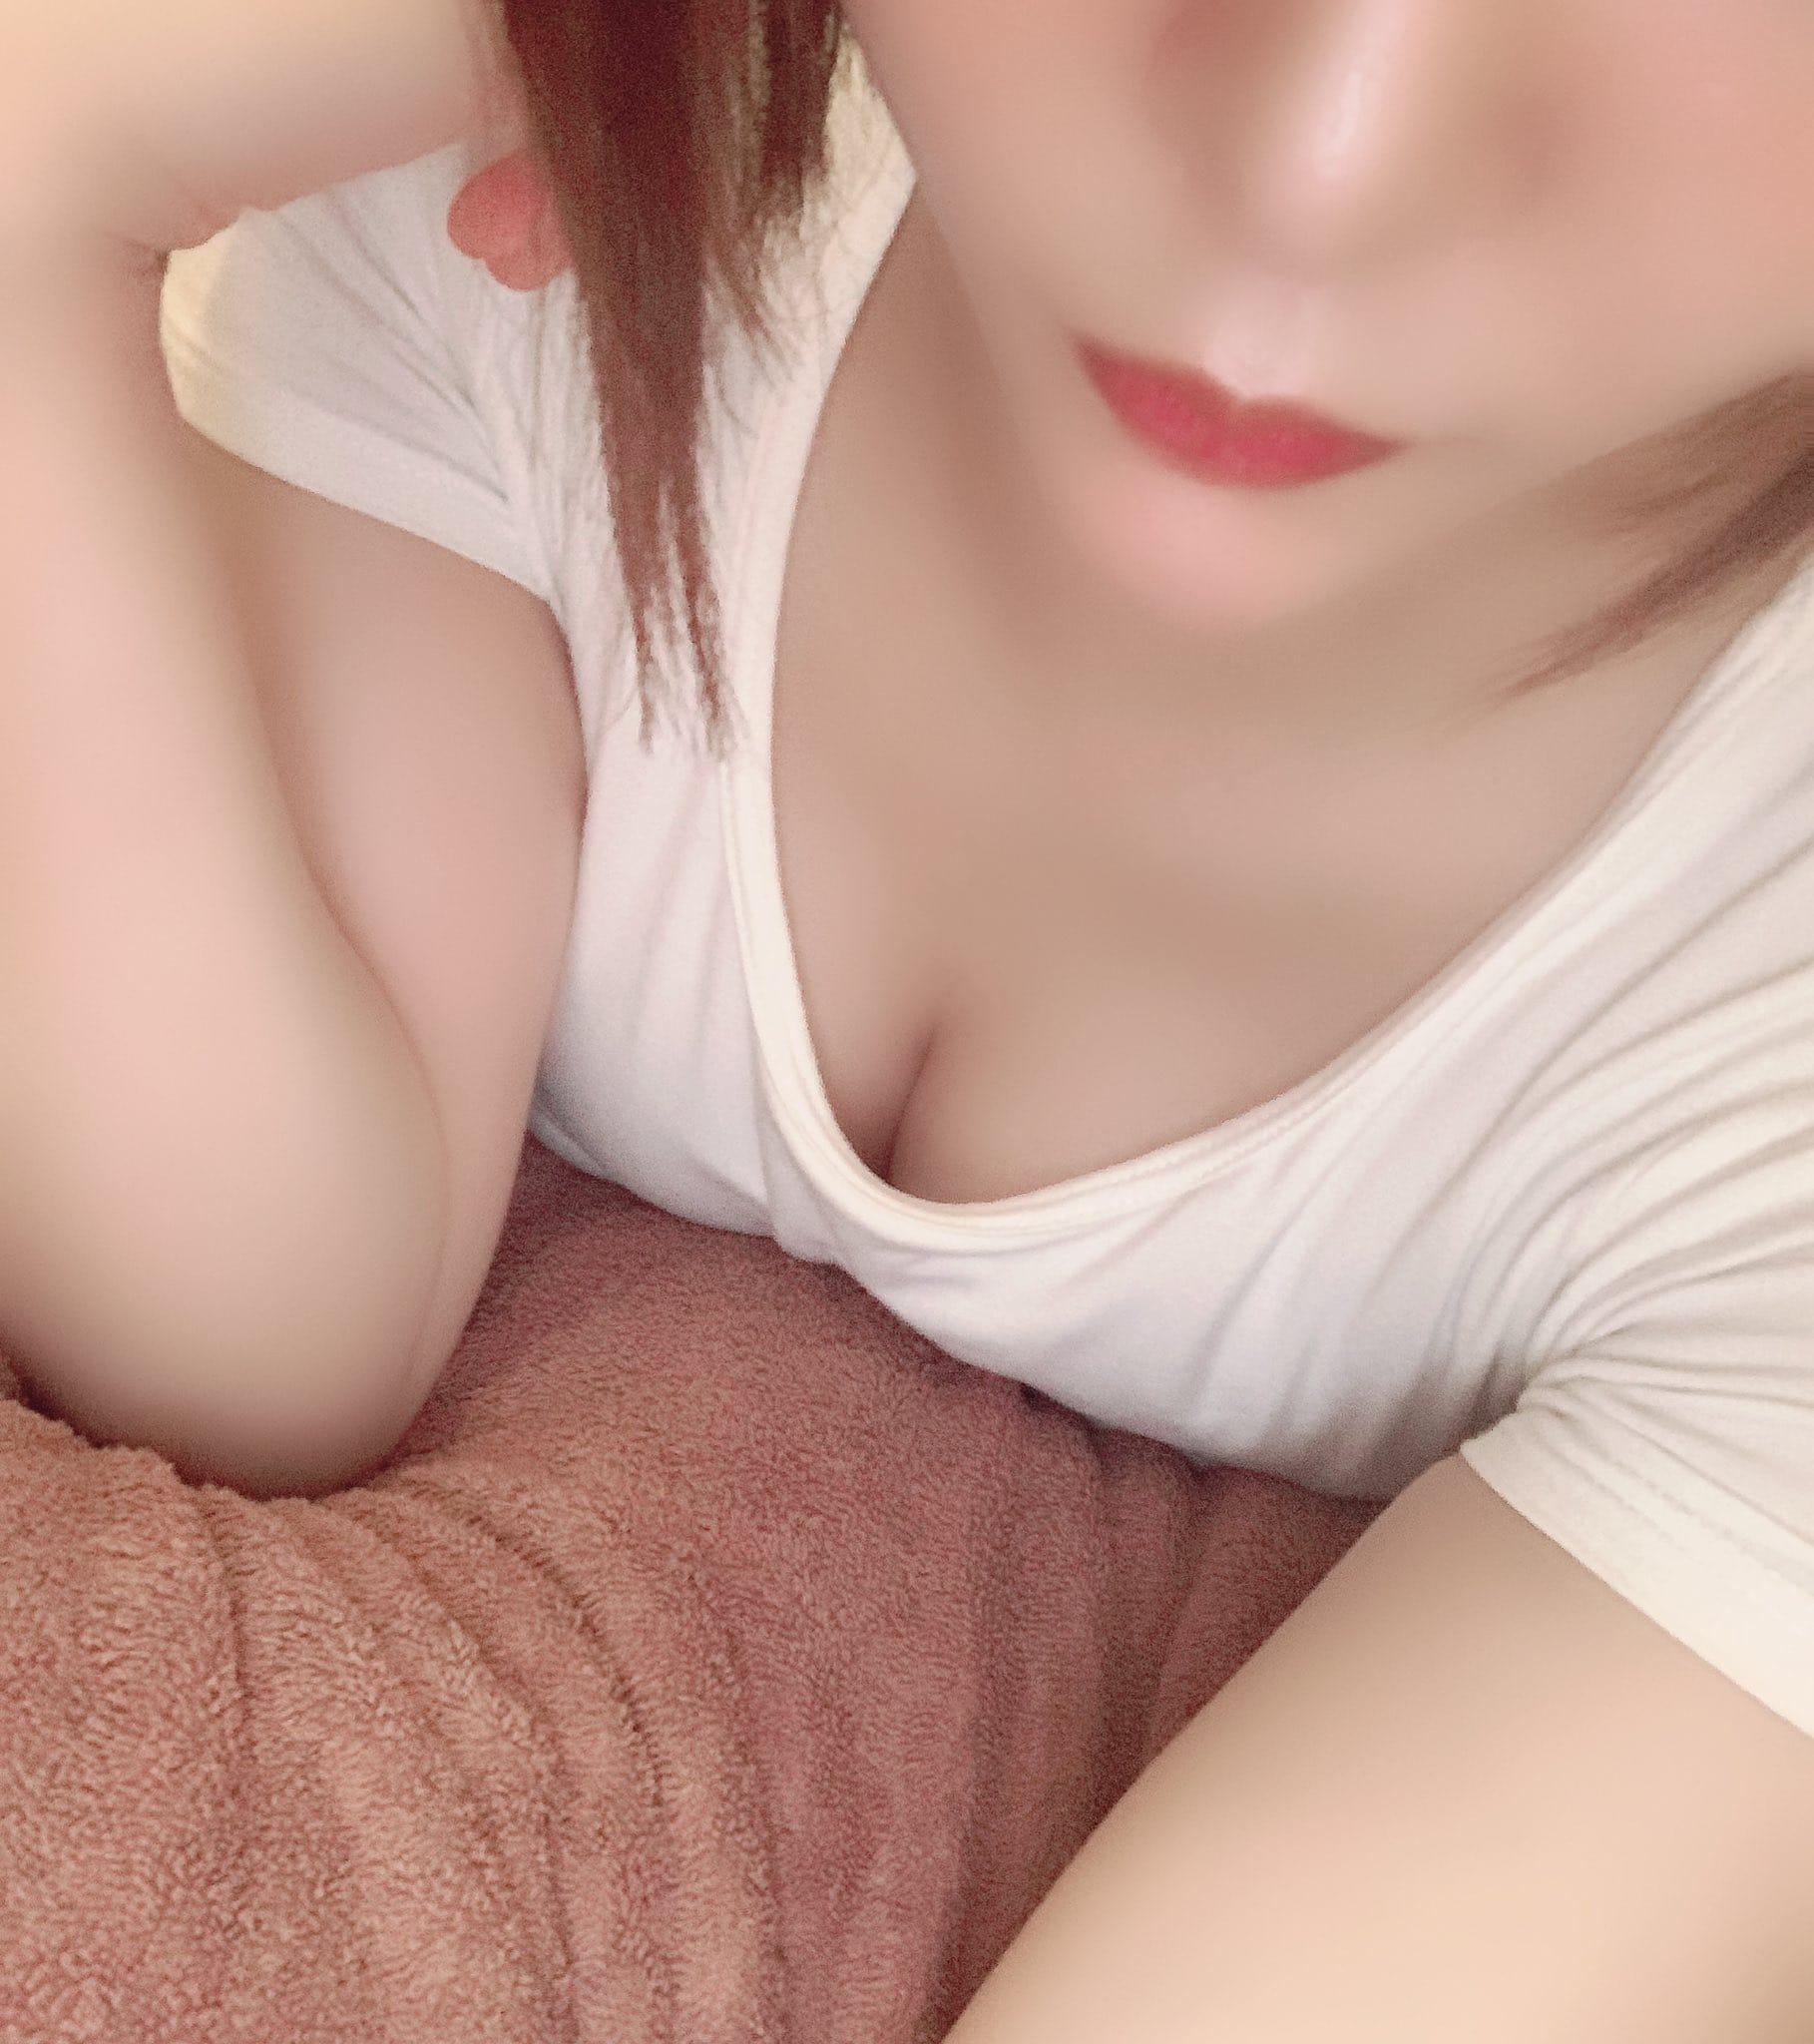 「こんばんは!」06/11(金) 00:29   一ノ瀬 せなの写メ日記